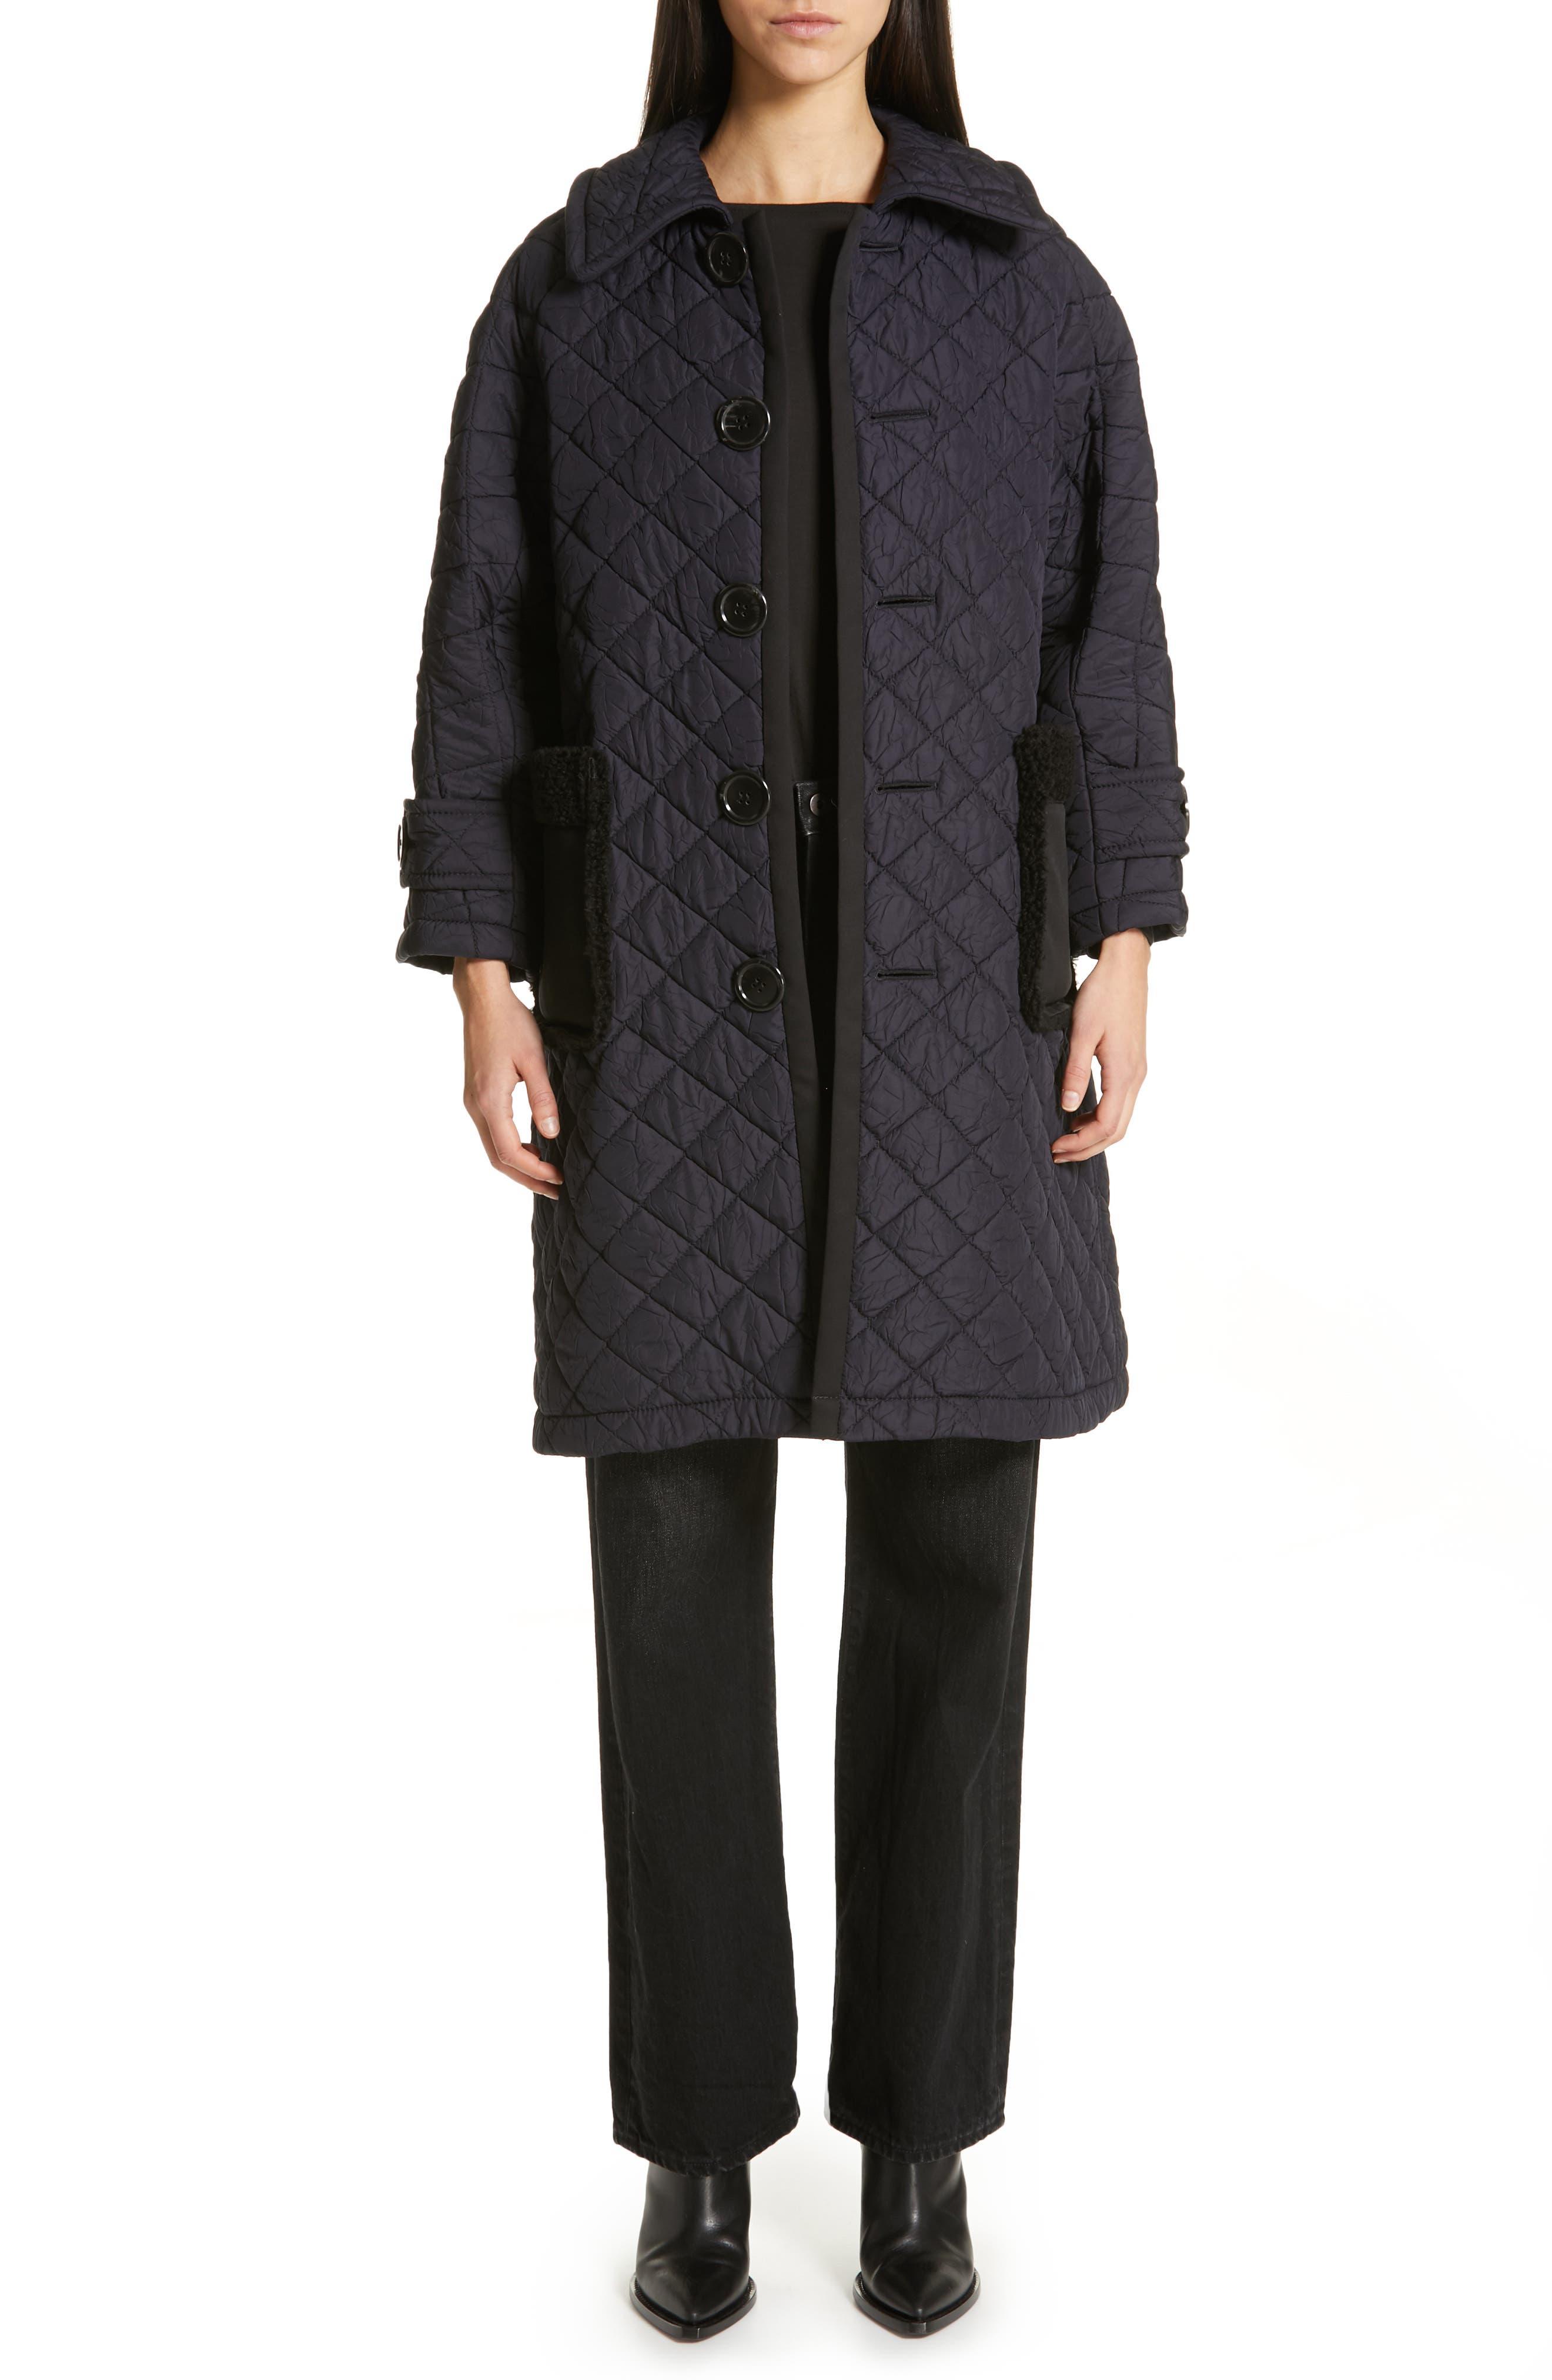 TRICOT COMME DES GARÇONS, Quilted Coat with Faux Fur Trim, Alternate thumbnail 8, color, NAVY X BLACK